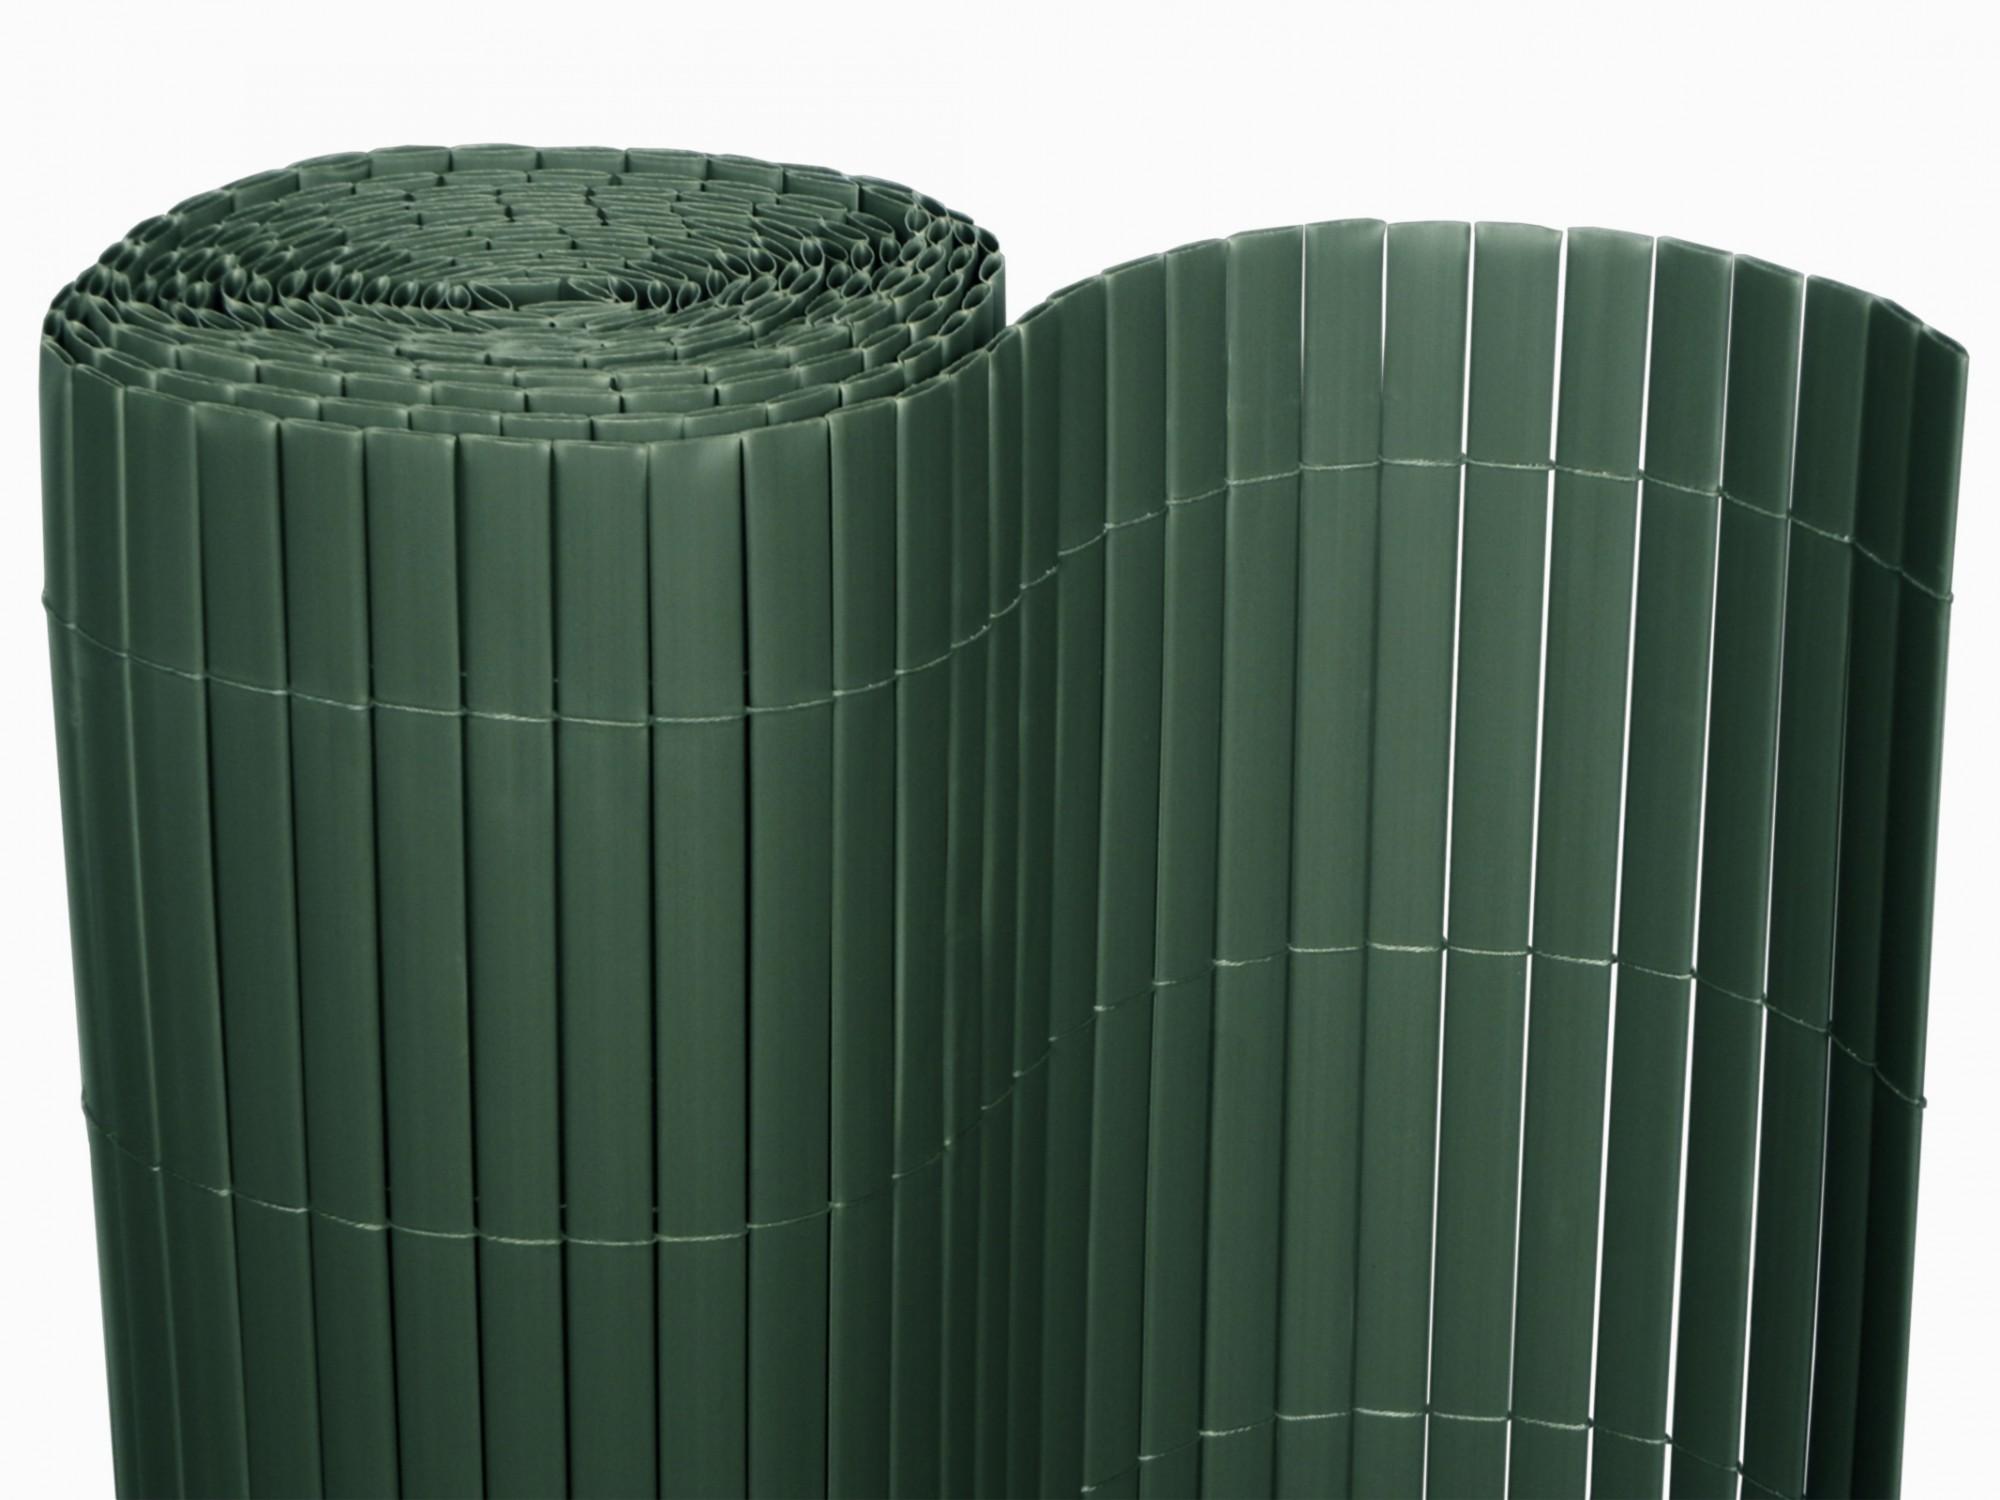 Windschutz Terrasse Modern Glaszaun für garten und terrasse